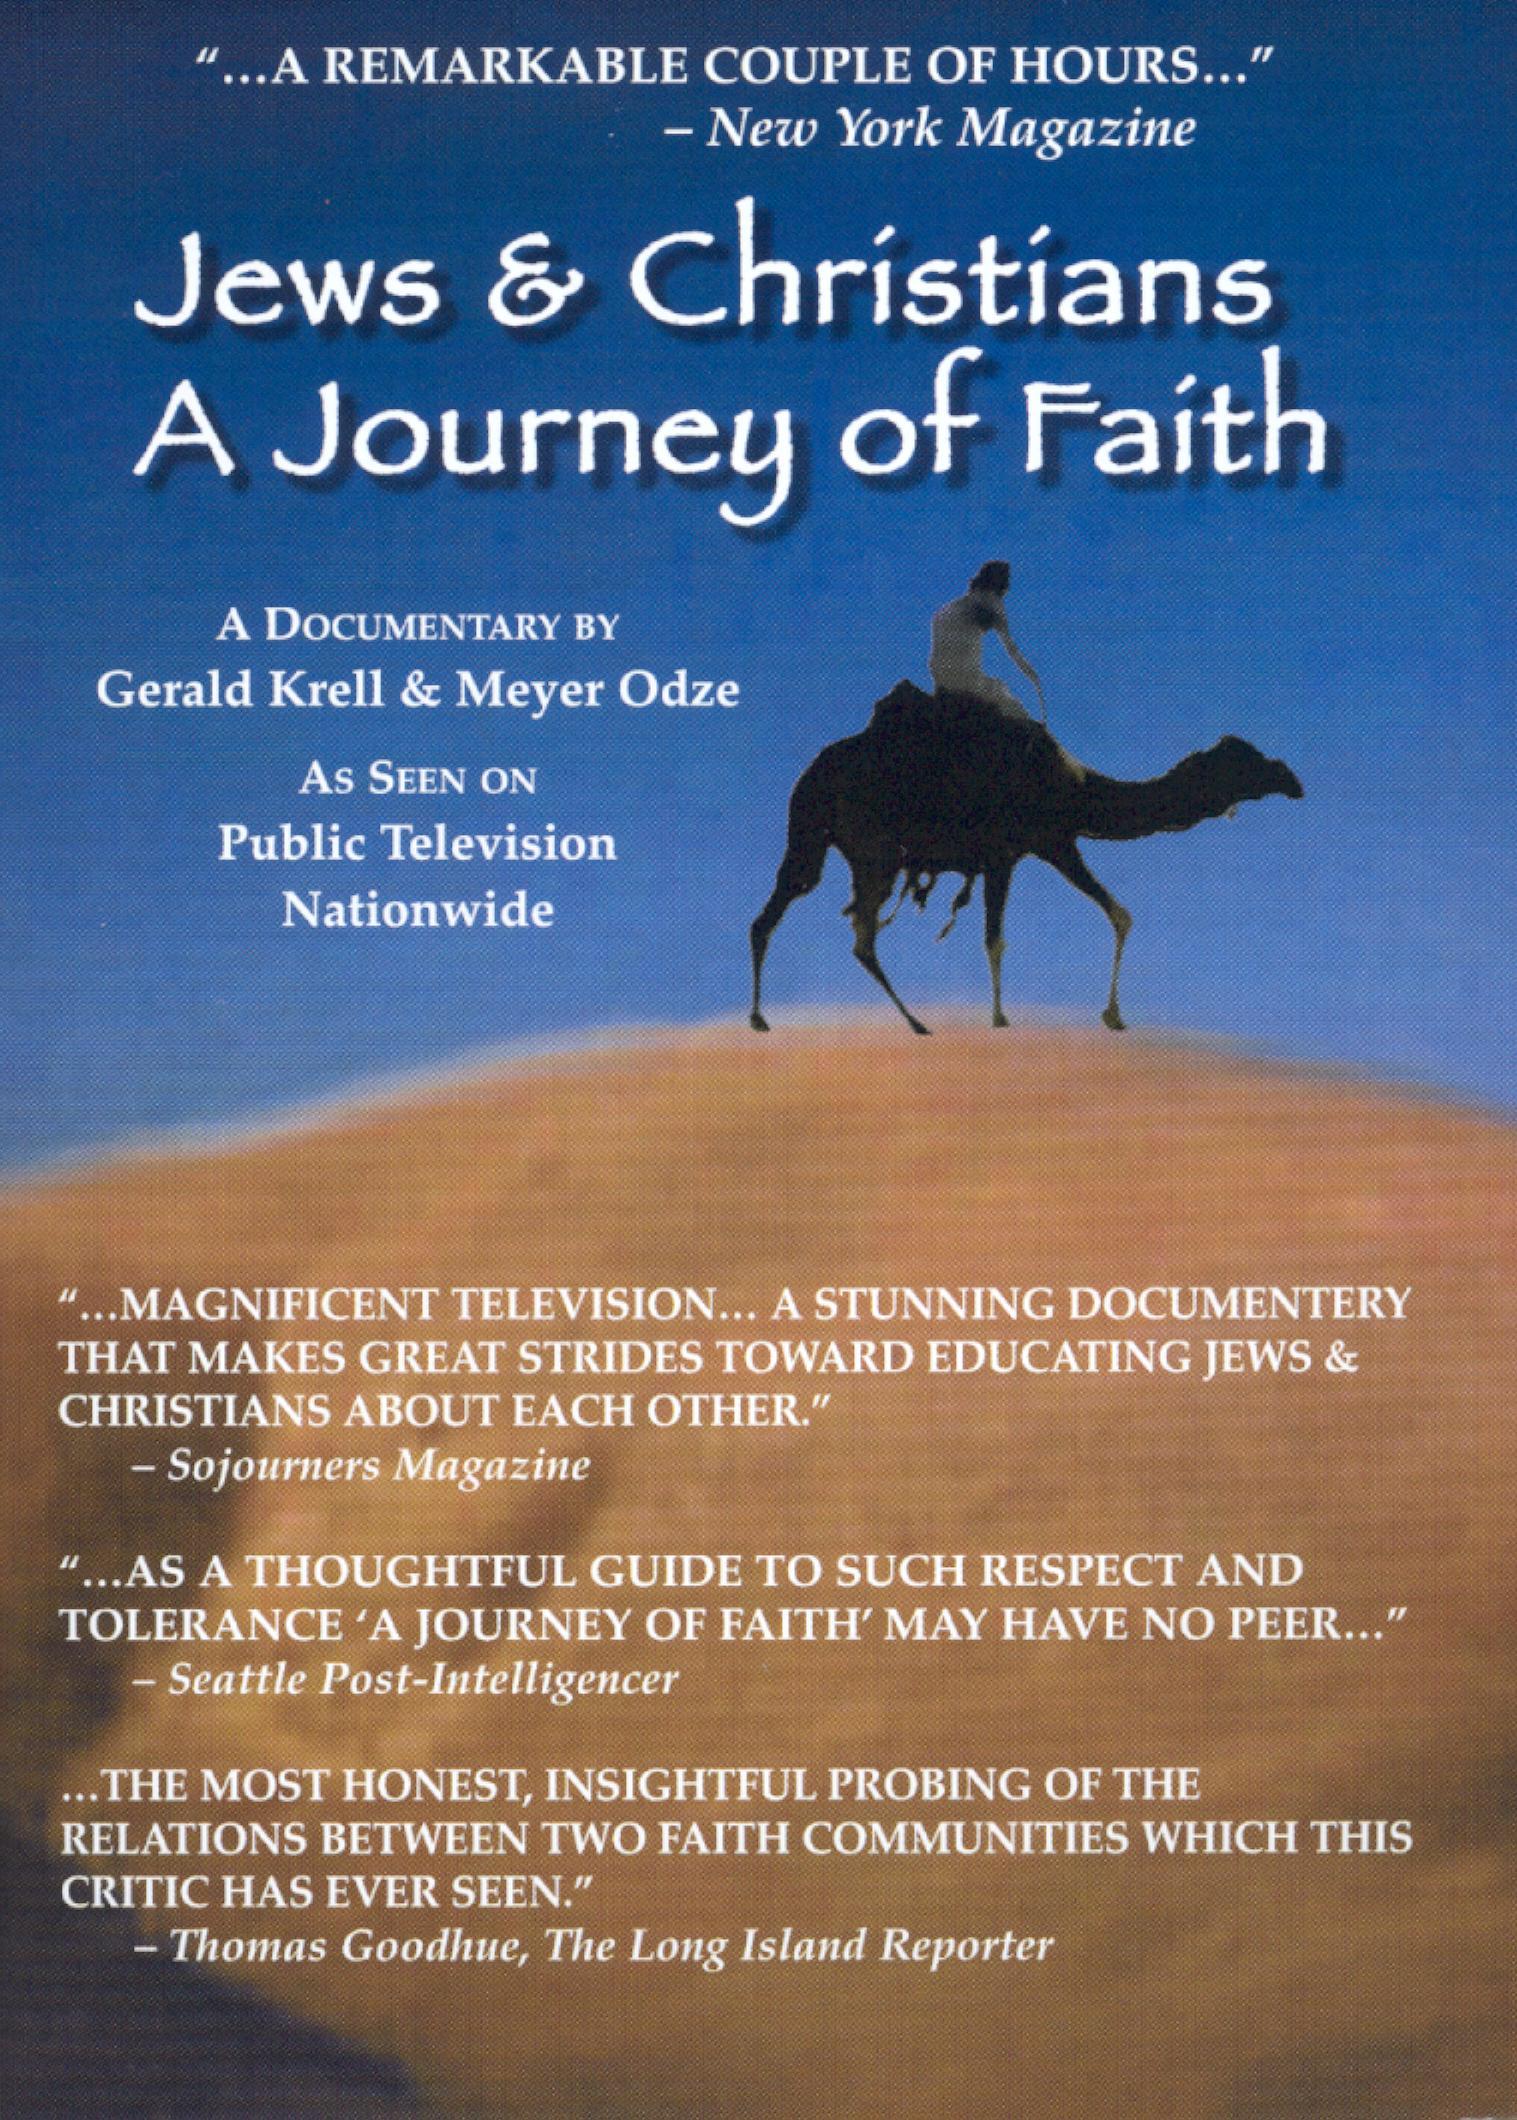 Jews & Christians: A Journey of Faith